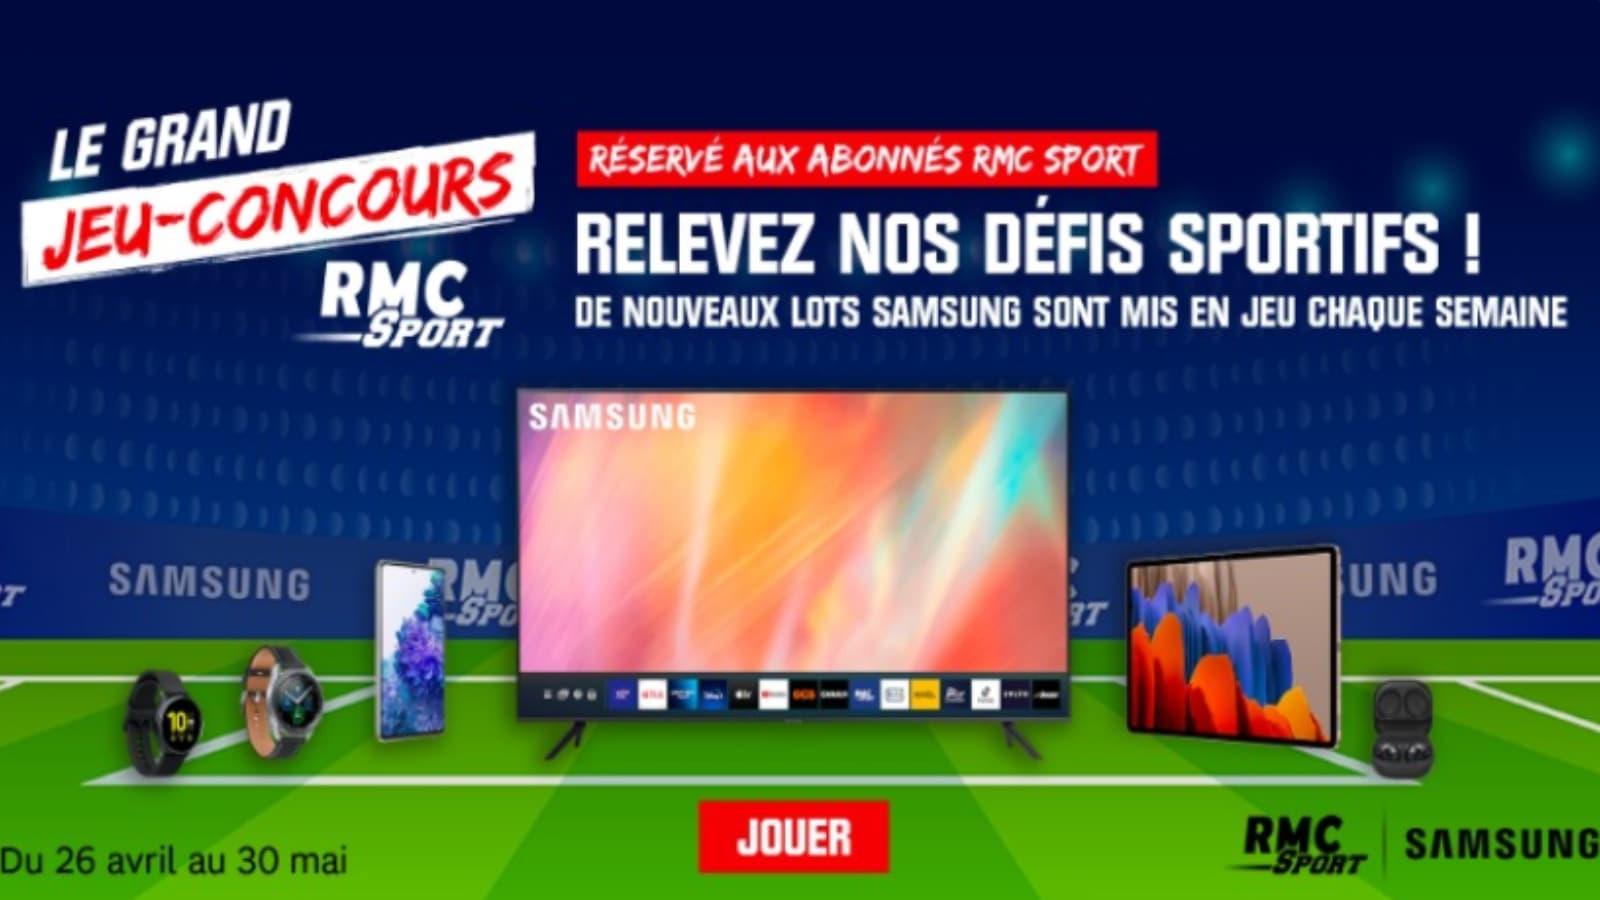 Gagnez des cadeaux Samsung avec RMC Sport